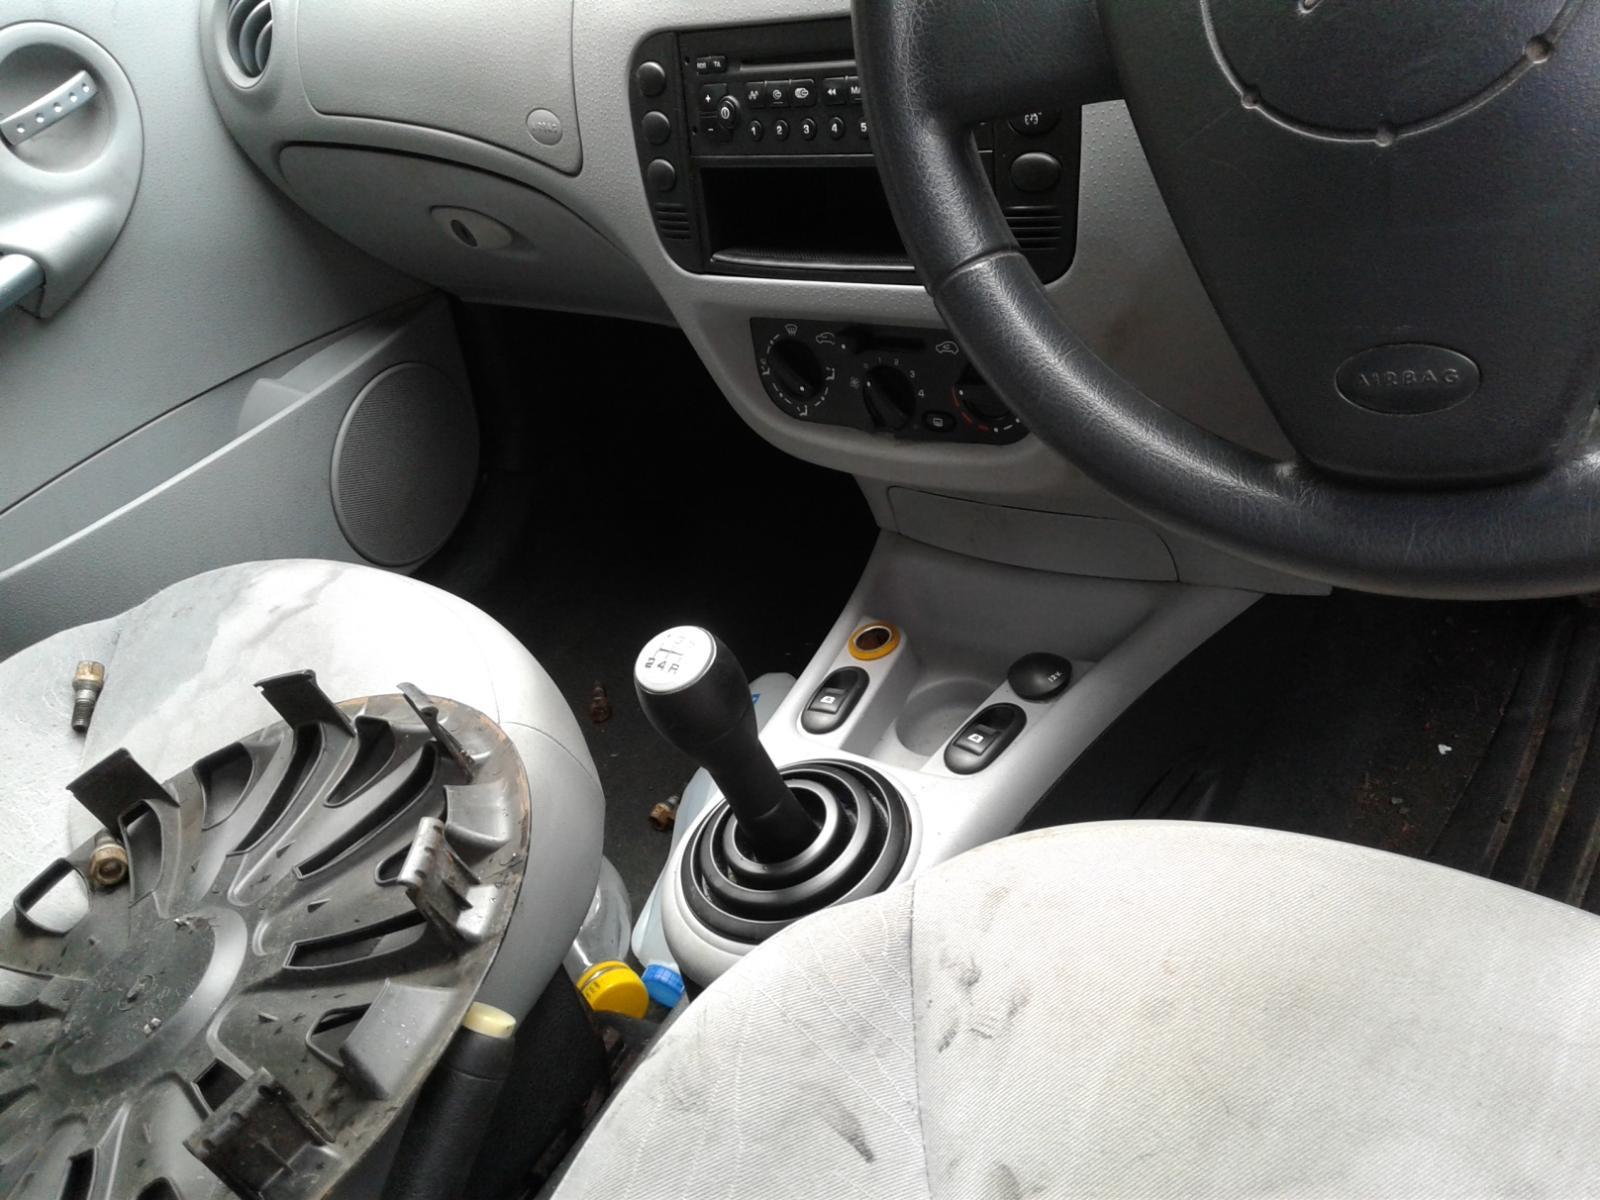 View Auto part CITROEN C3 2003 5 Door Hatchback